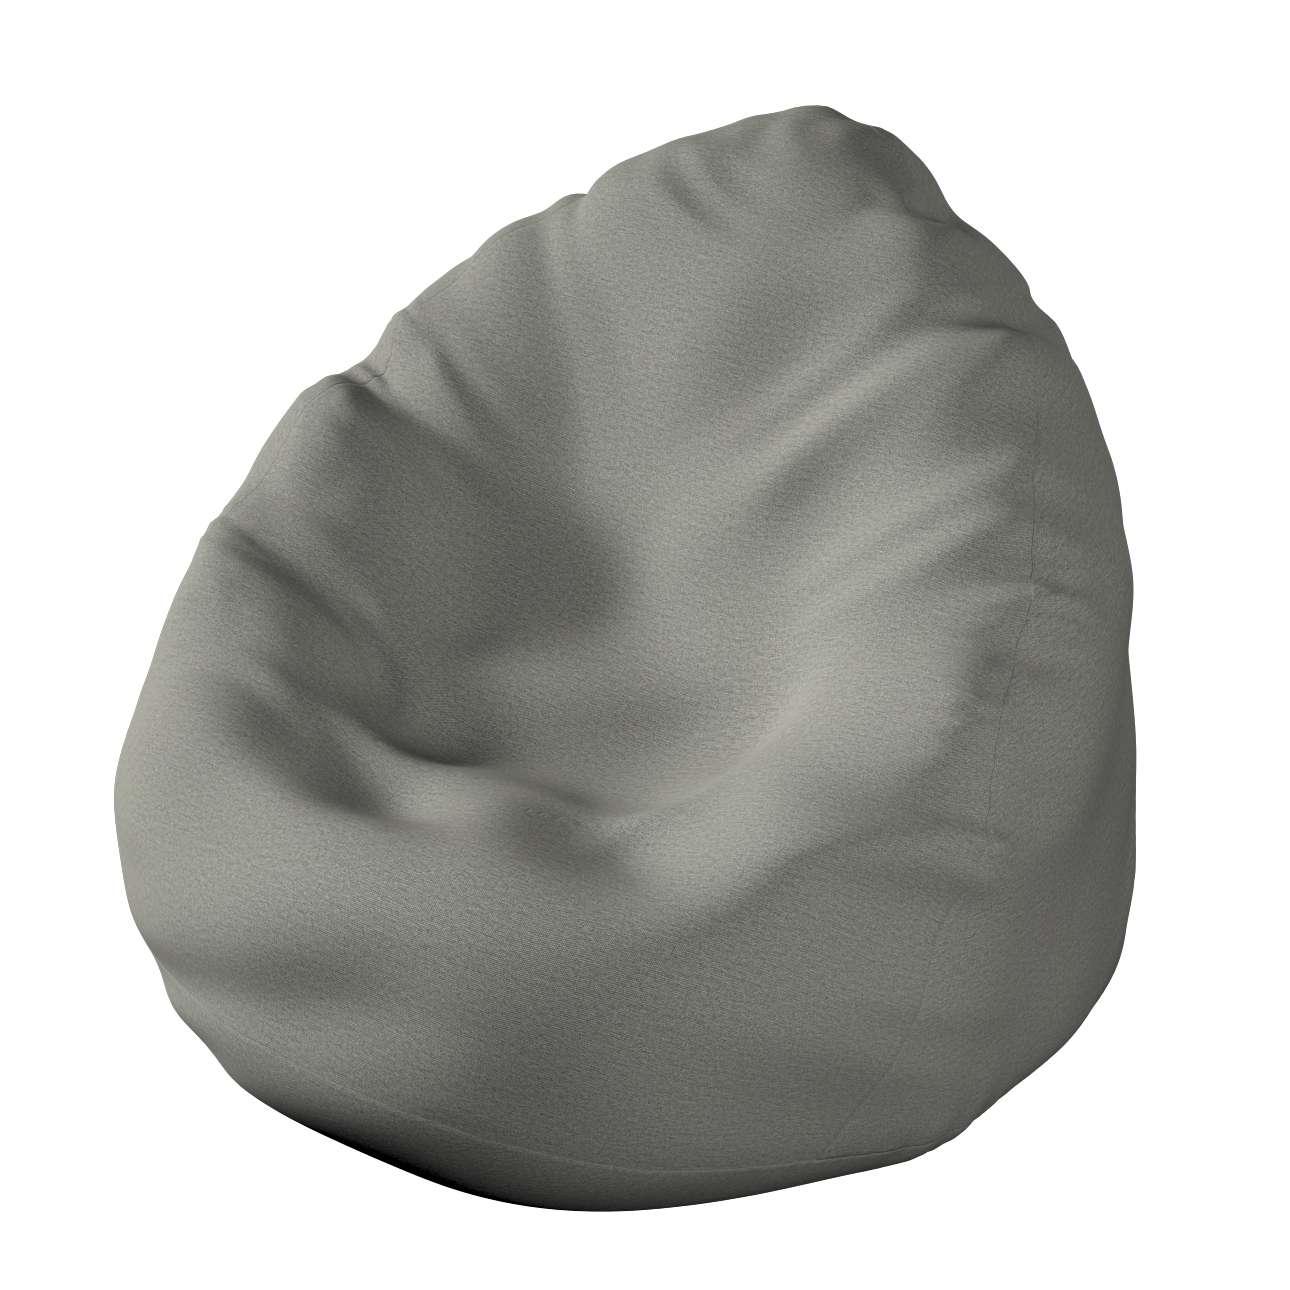 Bezug für Sitzsack von der Kollektion Etna, Stoff: 161-25